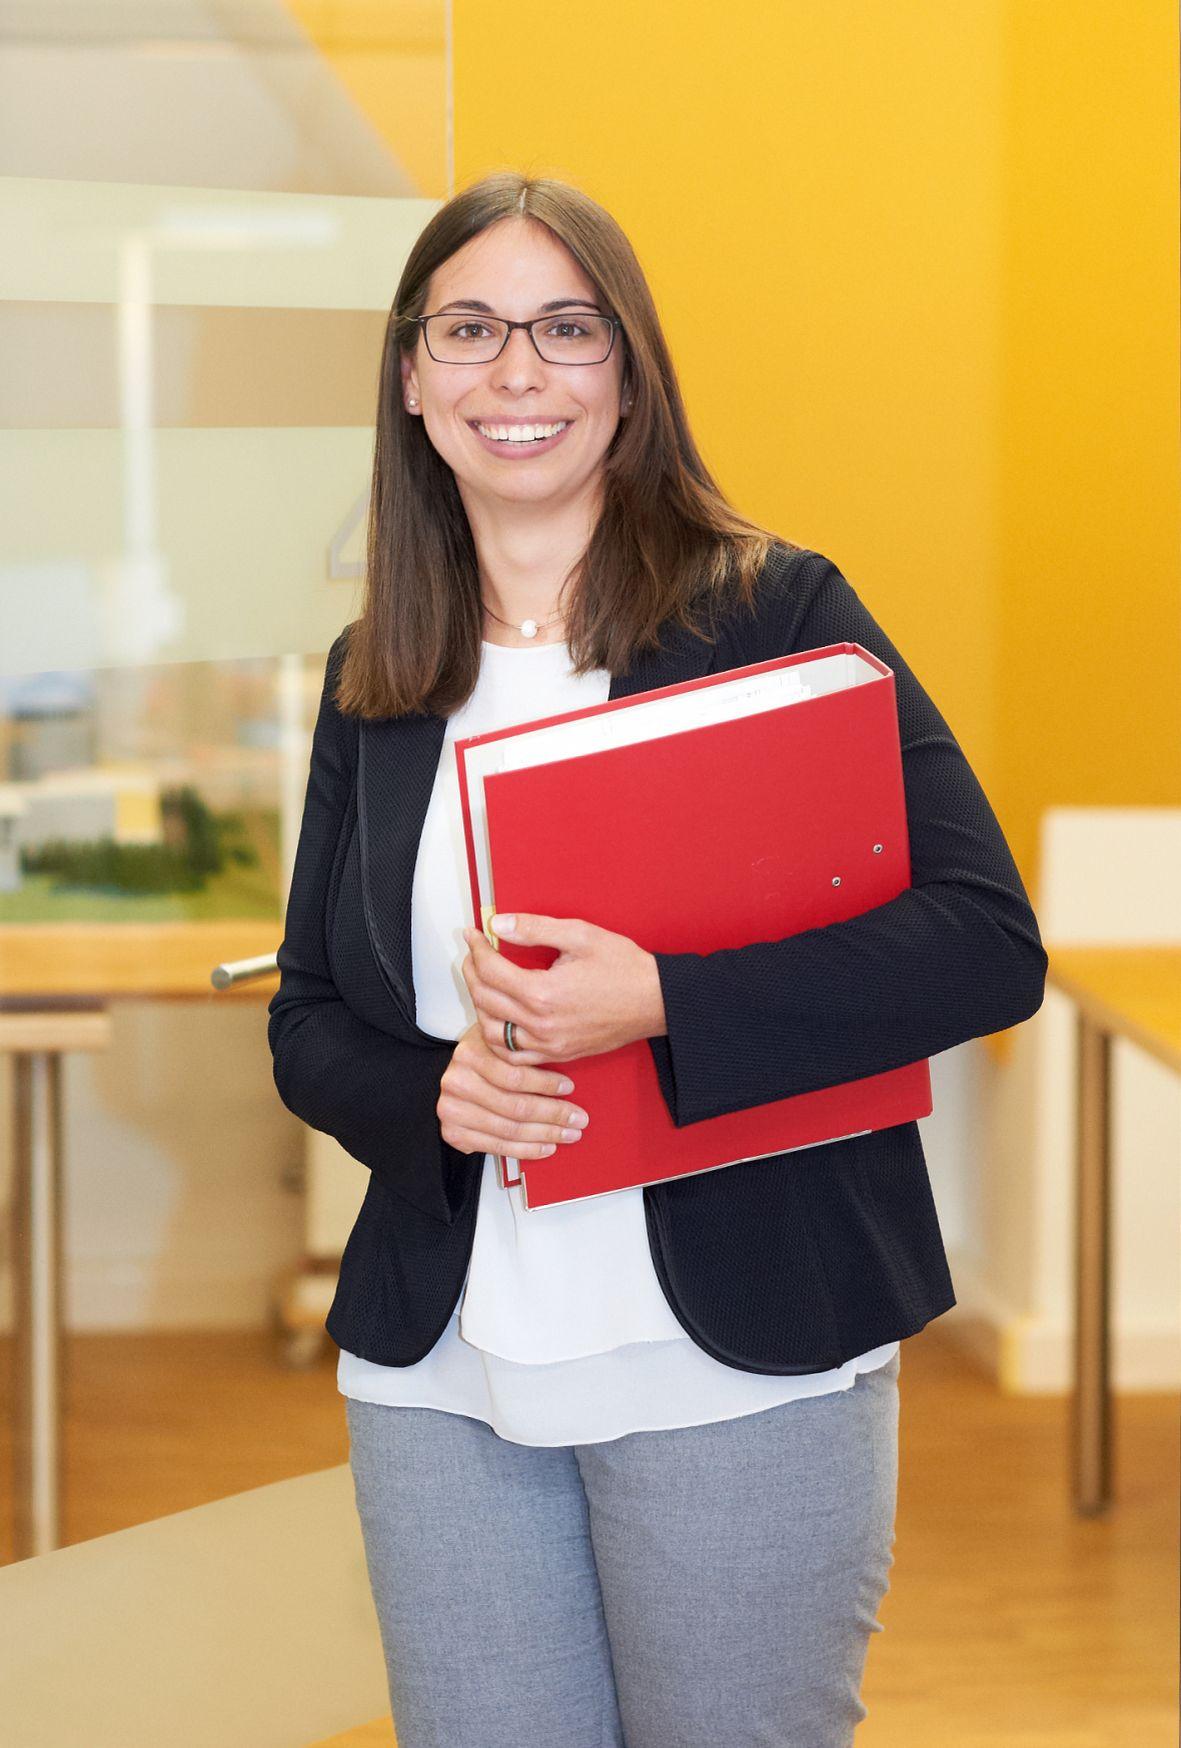 eta-Expertin Frau Kaschubek - eta Energieberatung